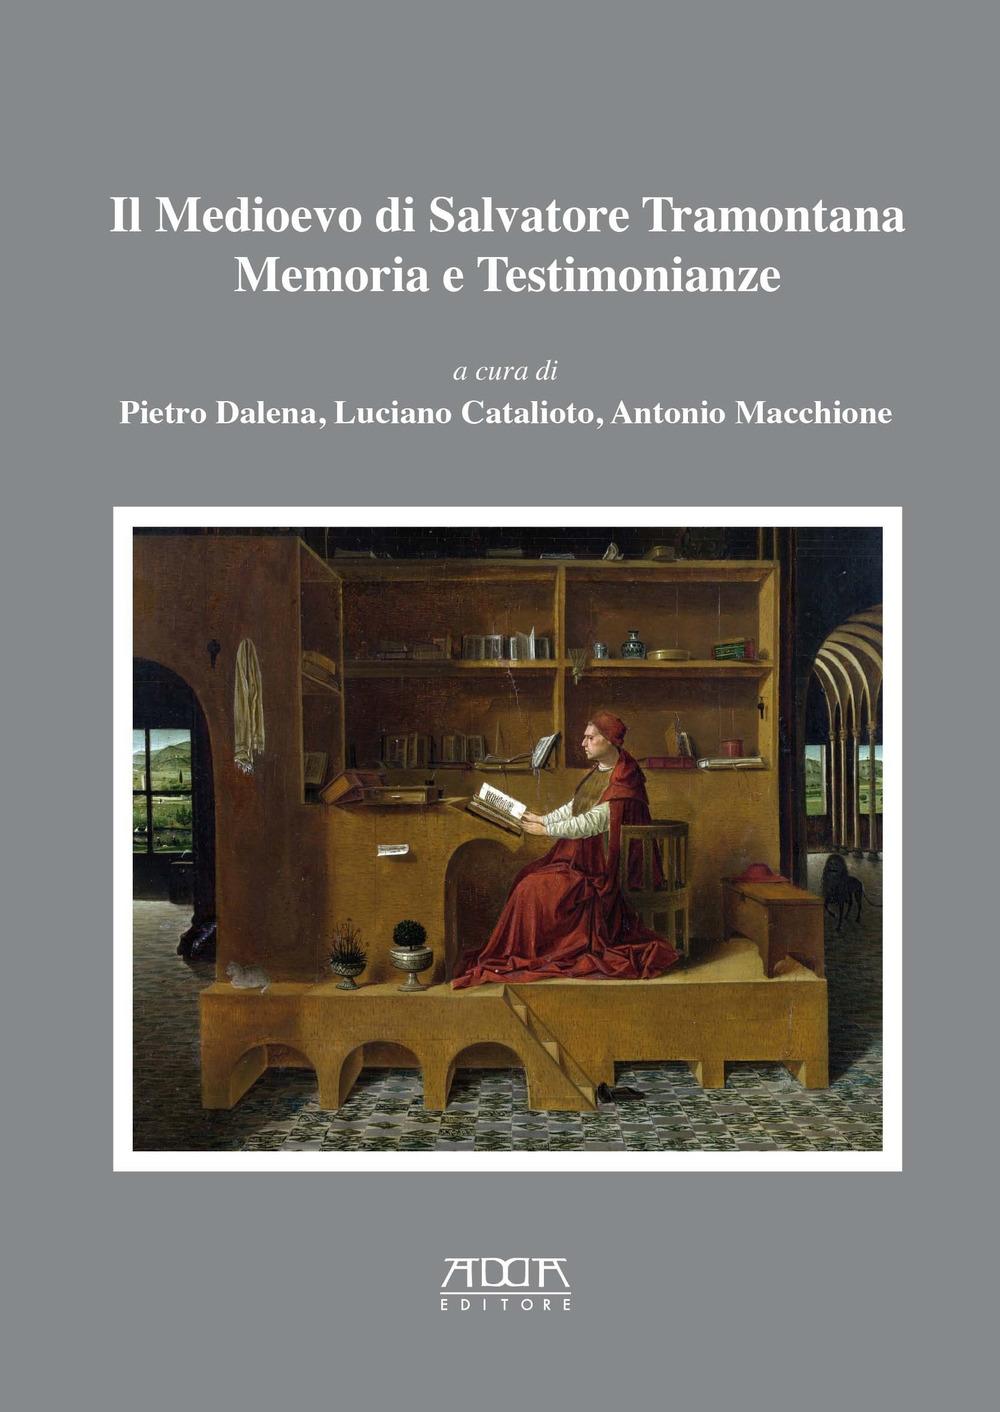 Il medioevo di Salvatore Tramontana. Memoria e testimonianze